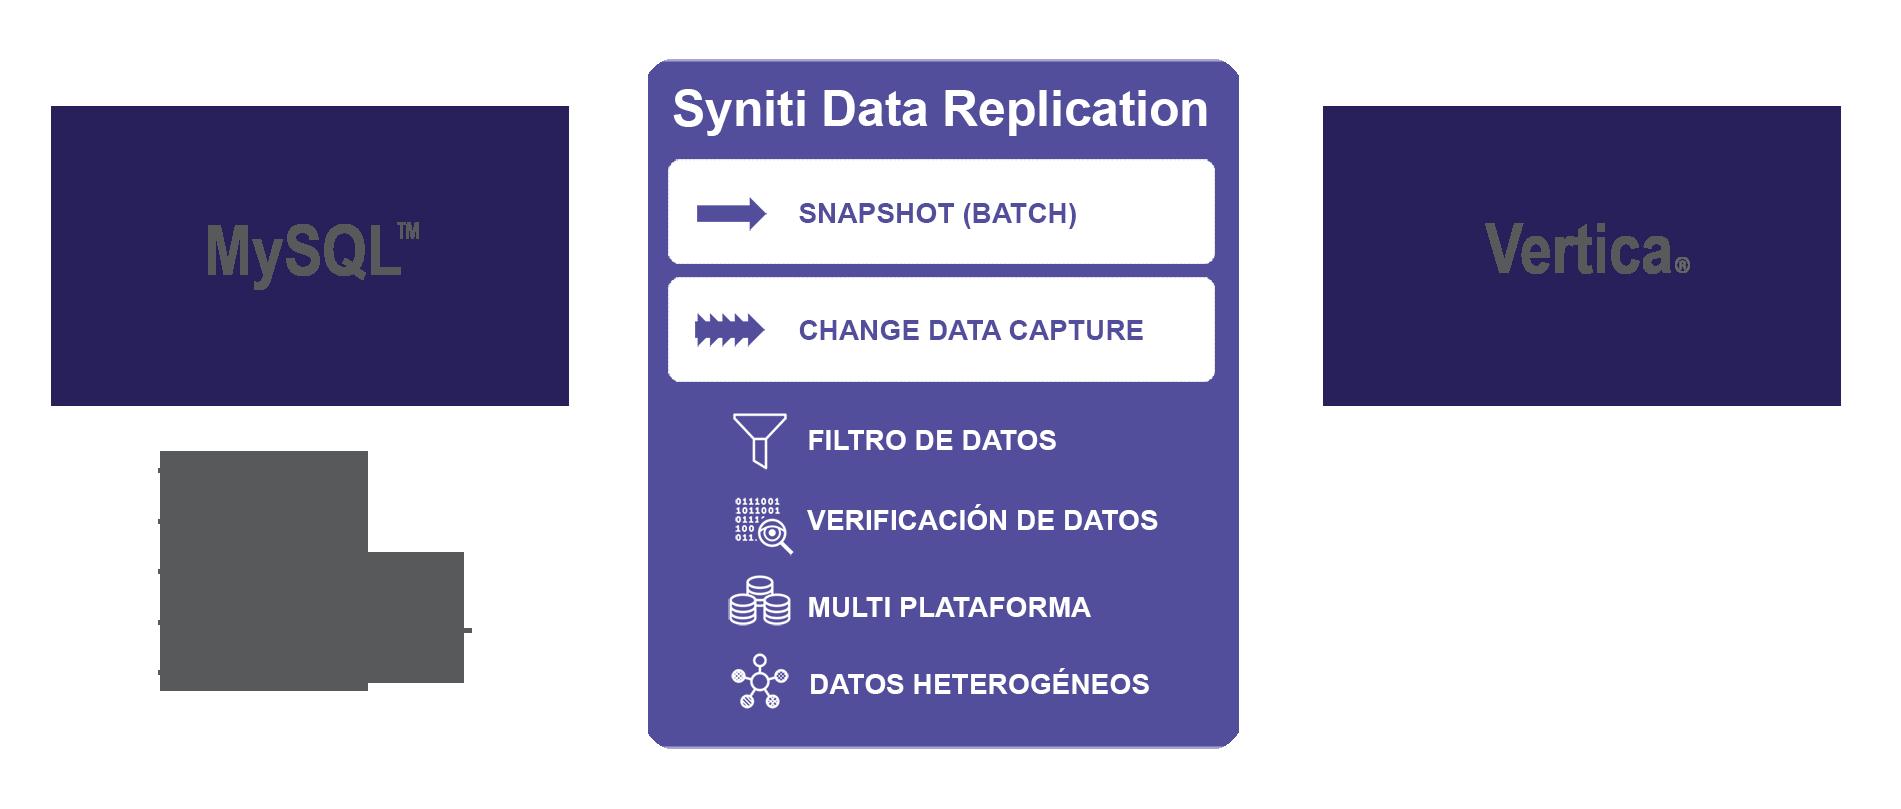 Replicacion de datos MySQL a Vertica en tiempo real